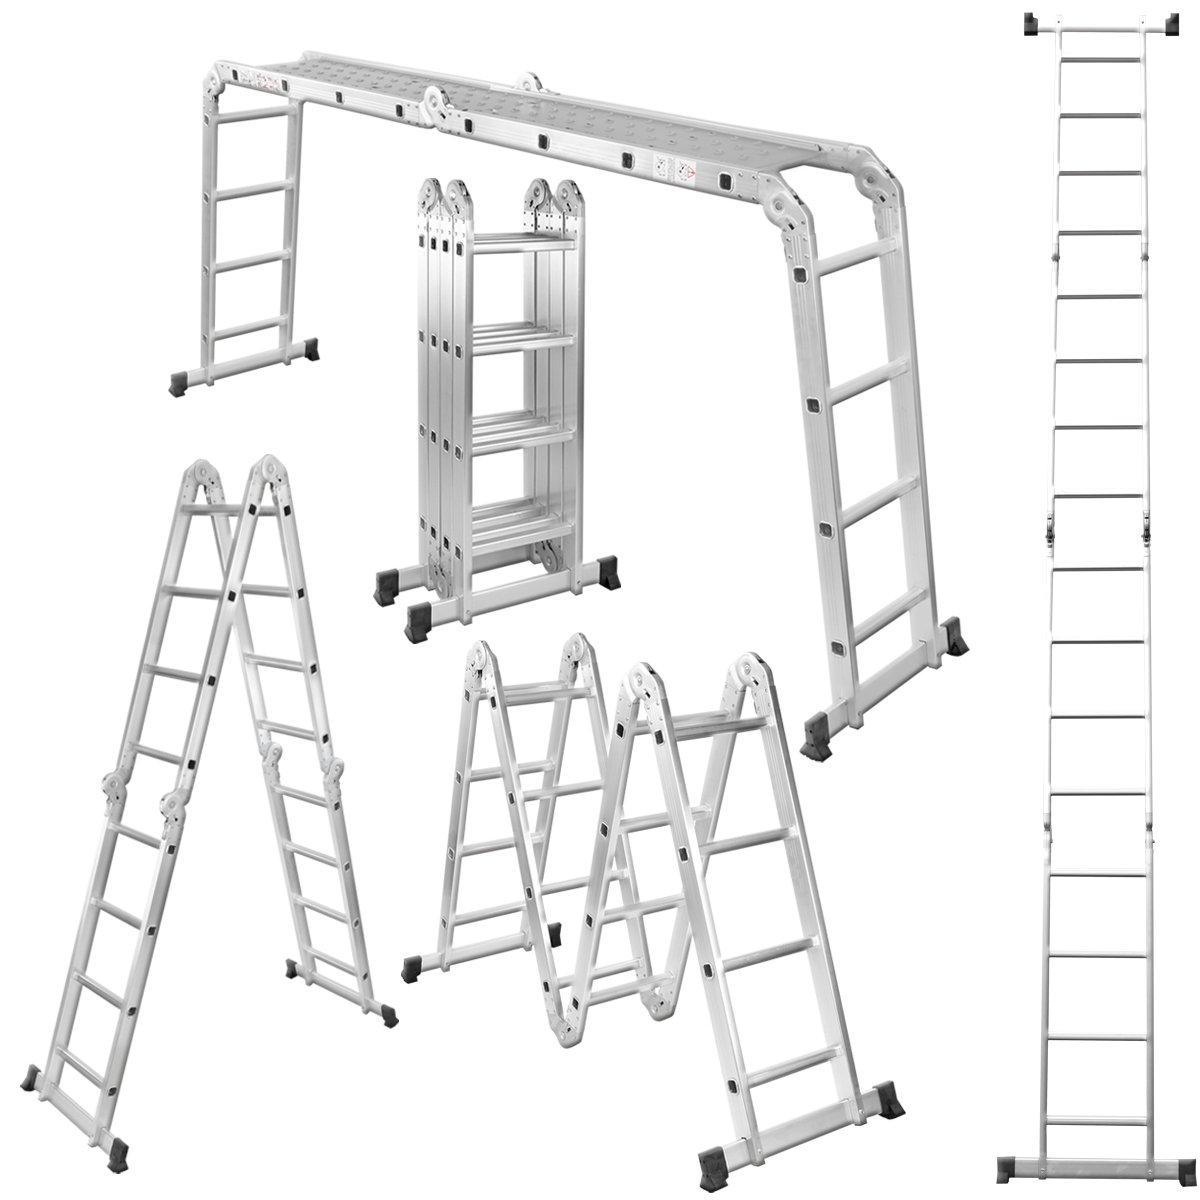 Torrex 30328 14in1 ALU 4,6 m Gerüstleiter / Mehrzweckleiter (16 Sprossen) inklusive Einlegeböden / Leiter Stehleiter Anlegeleiter Arbeitsbühne  BaumarktKundenbewertung und weitere Informationen